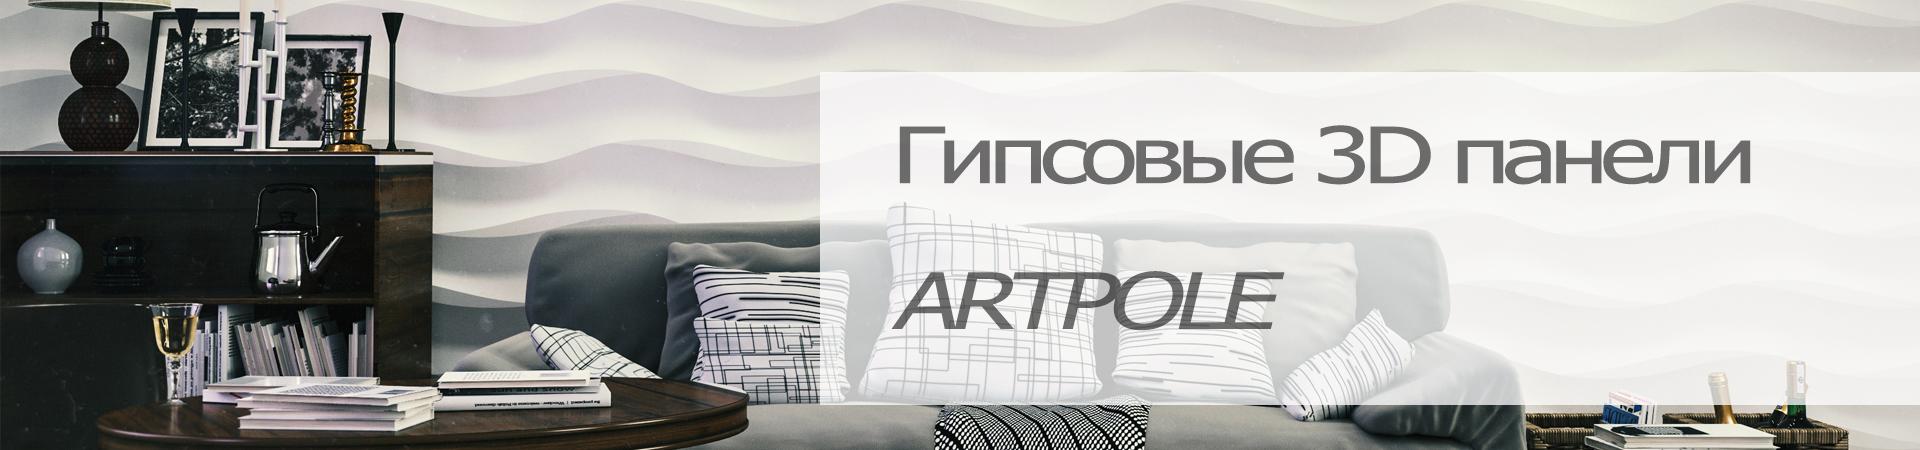 Гипсовые 3D панели Artpole